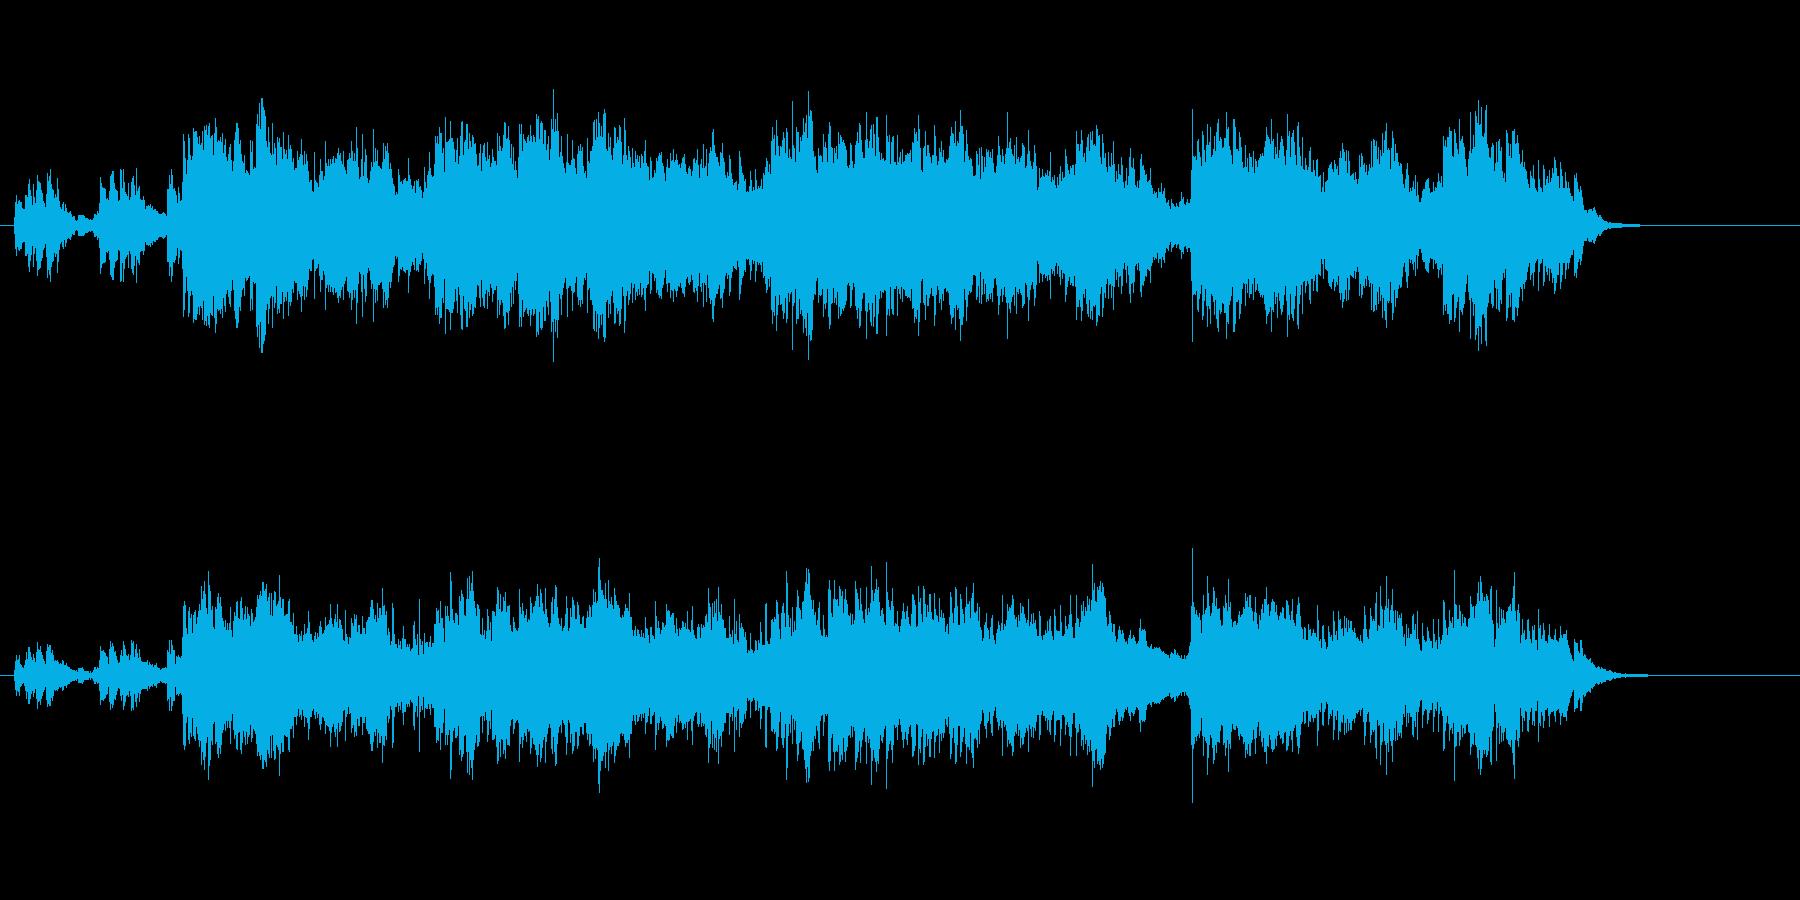 せせらぎ風アンビエント・ミュージックの再生済みの波形